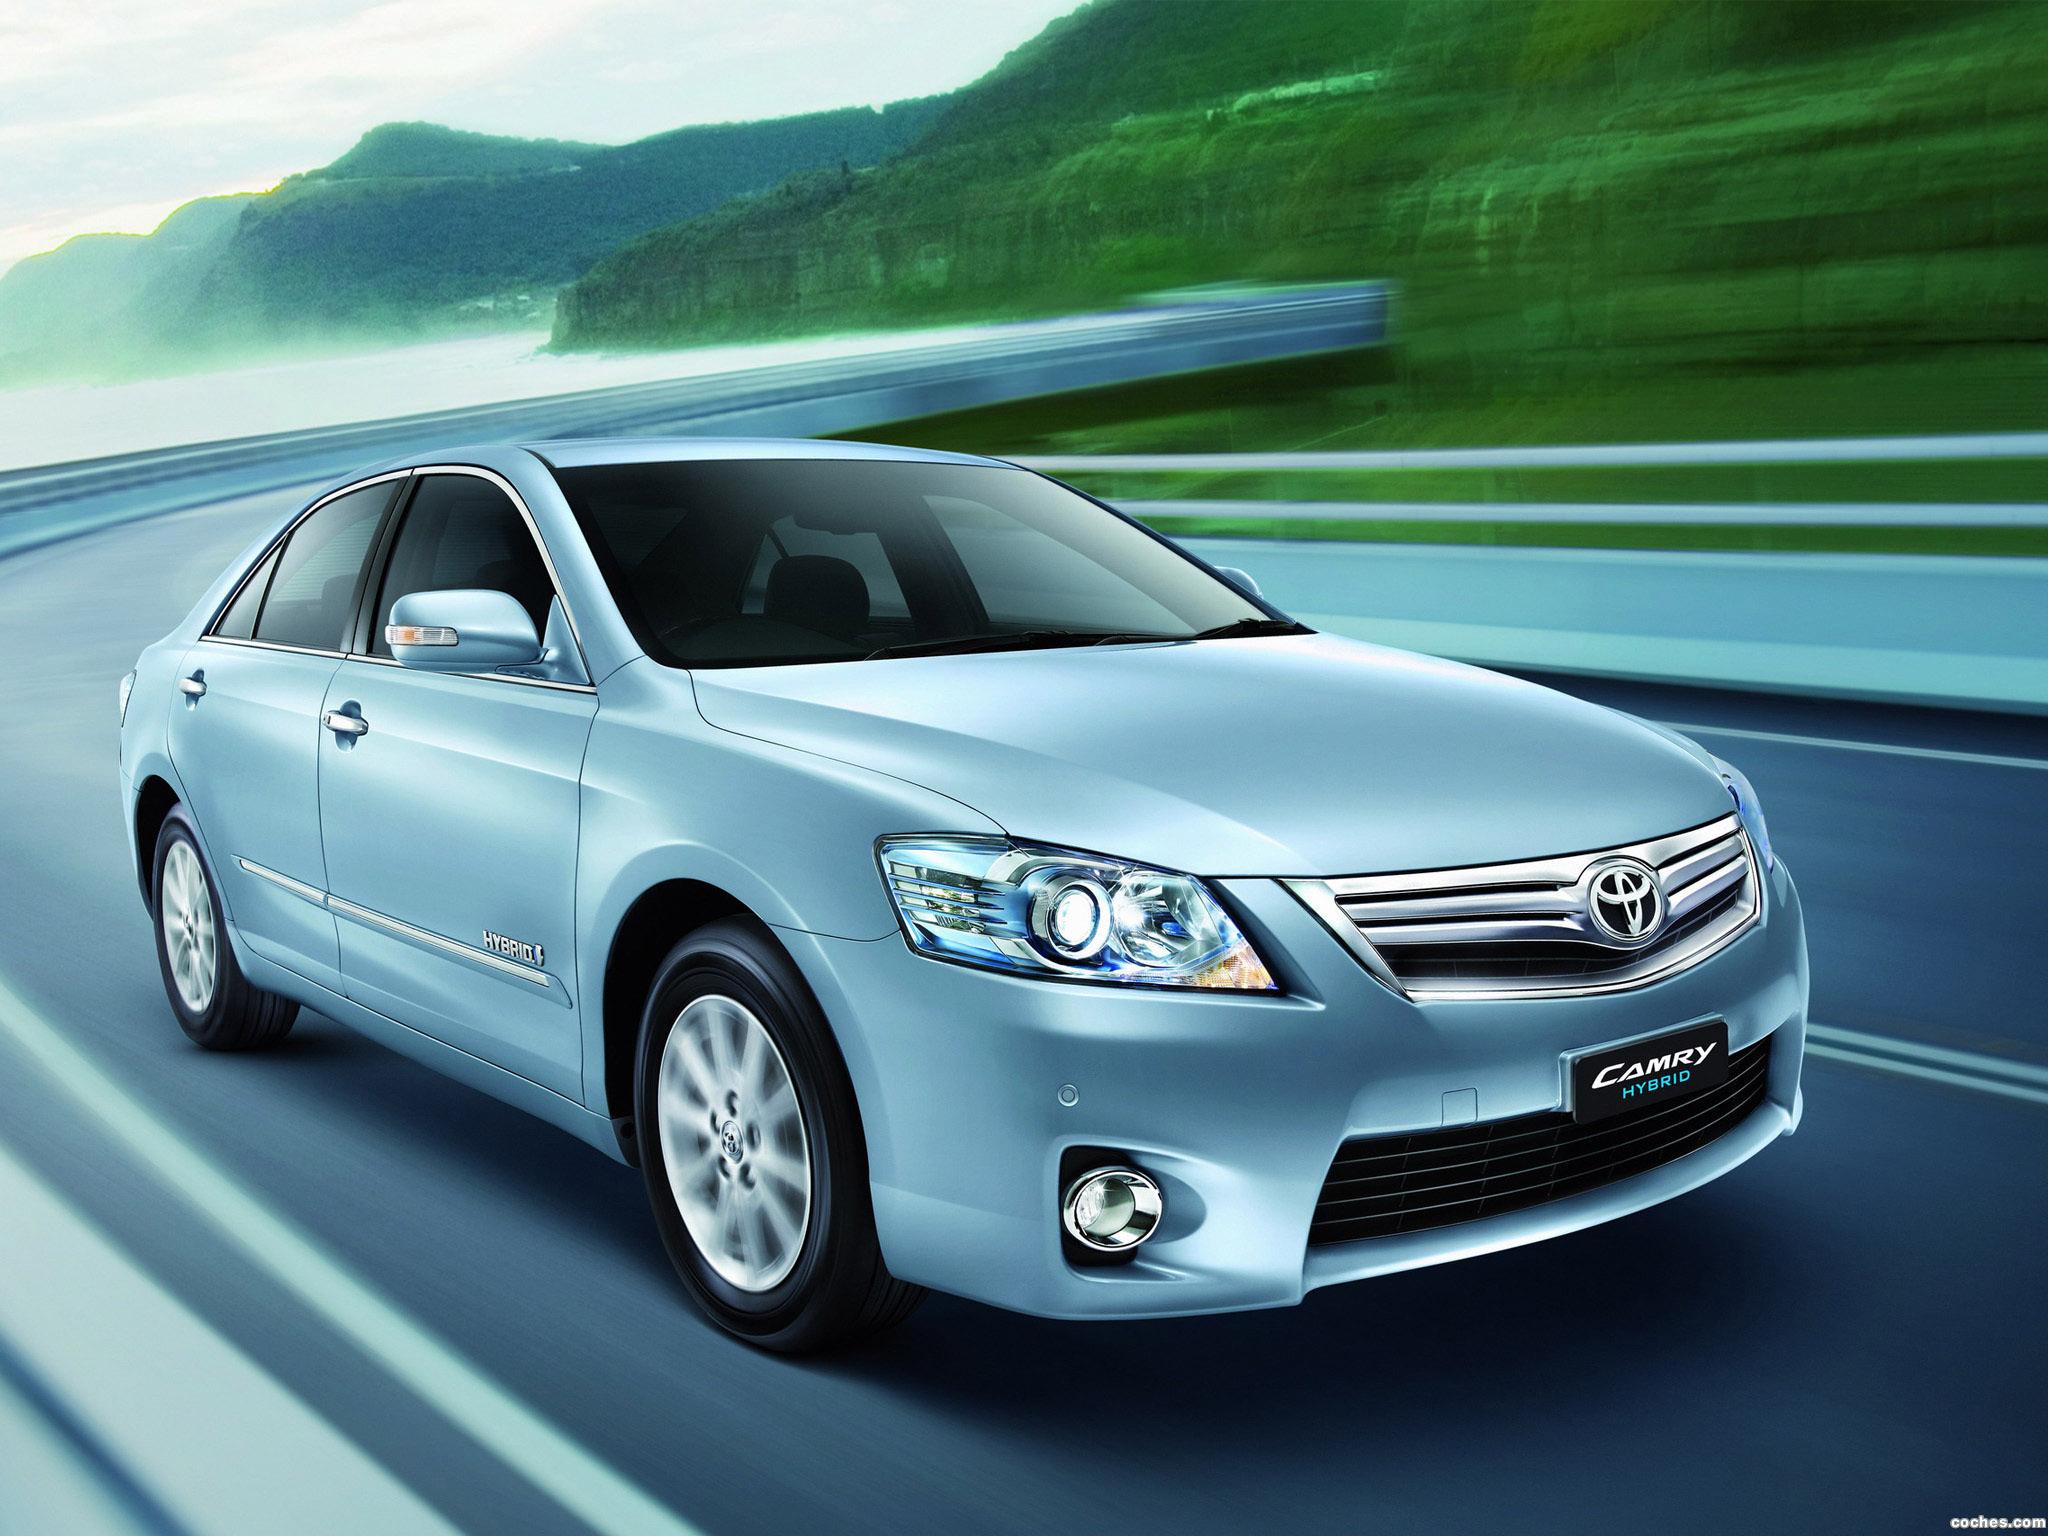 Foto 0 de Toyota Camry Hybrid Thailand VI 2009